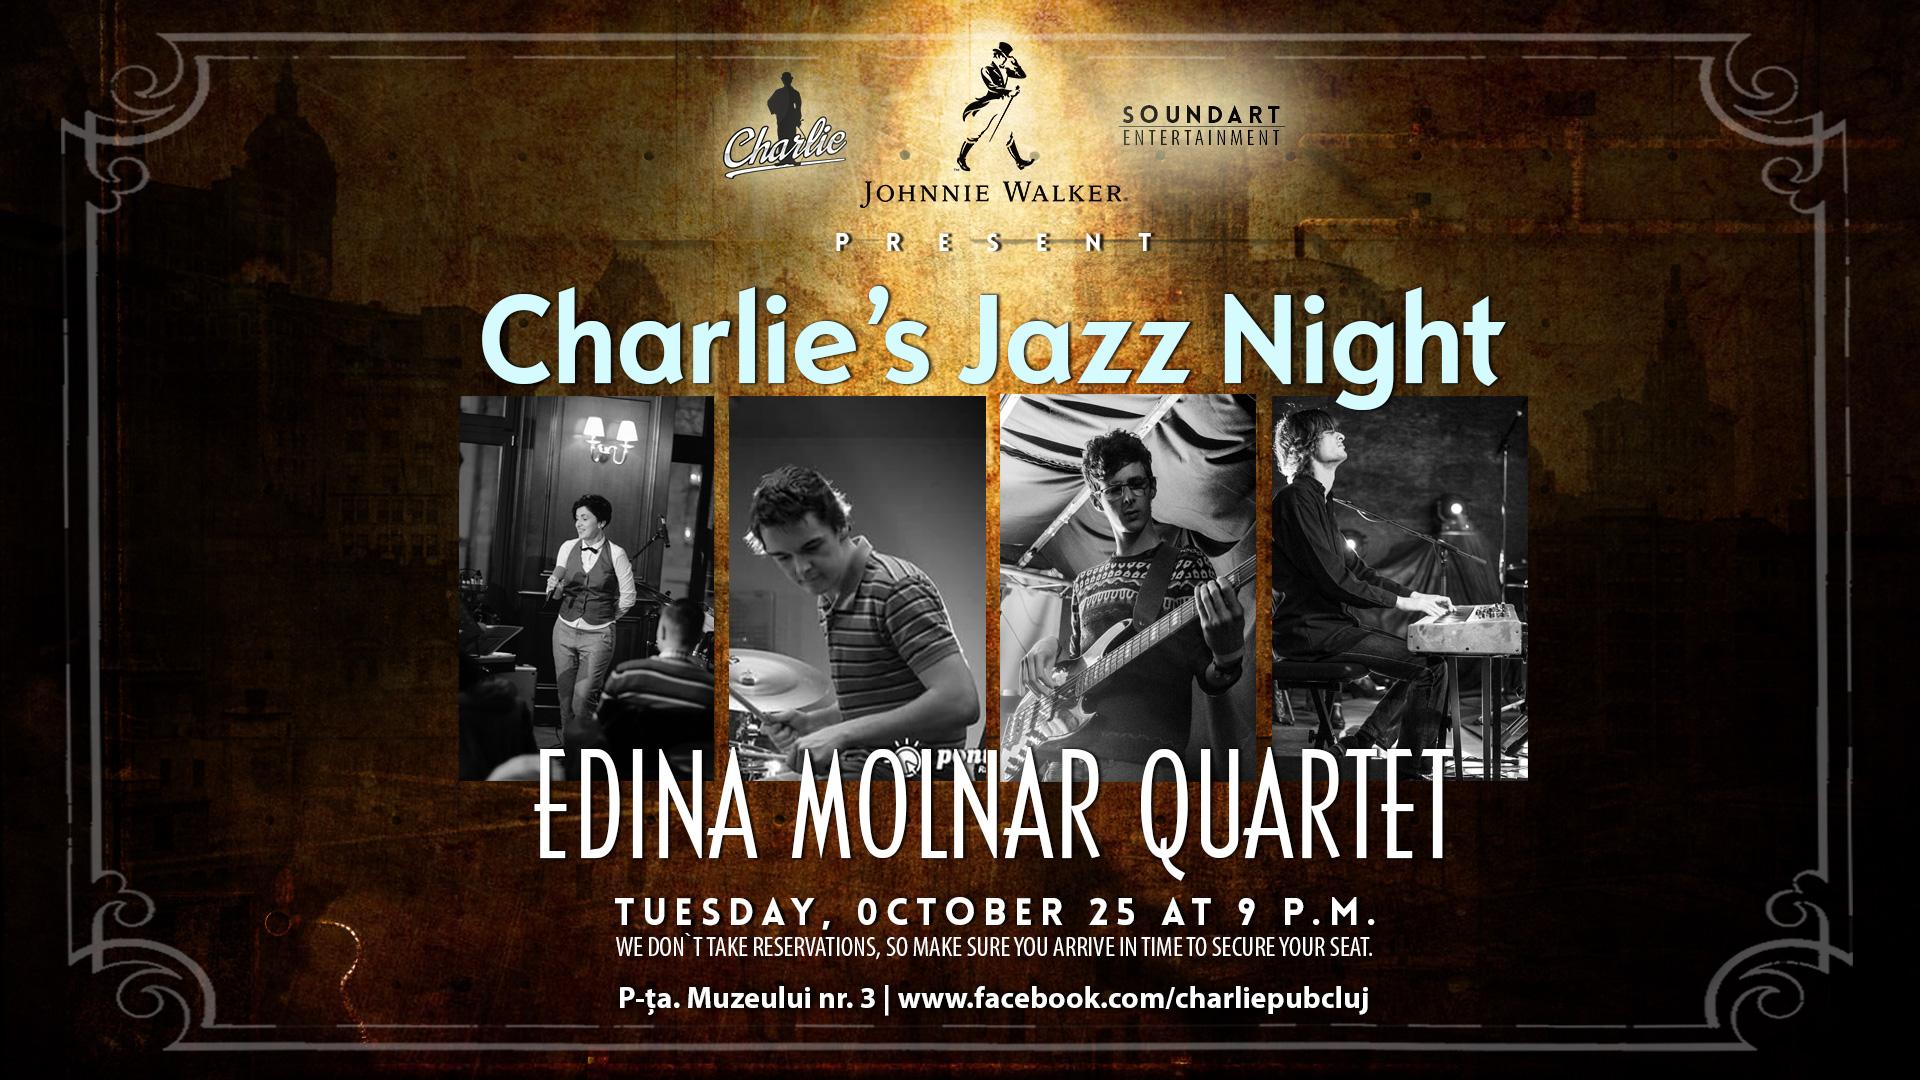 Edina Molnar Quartet @ Charlie